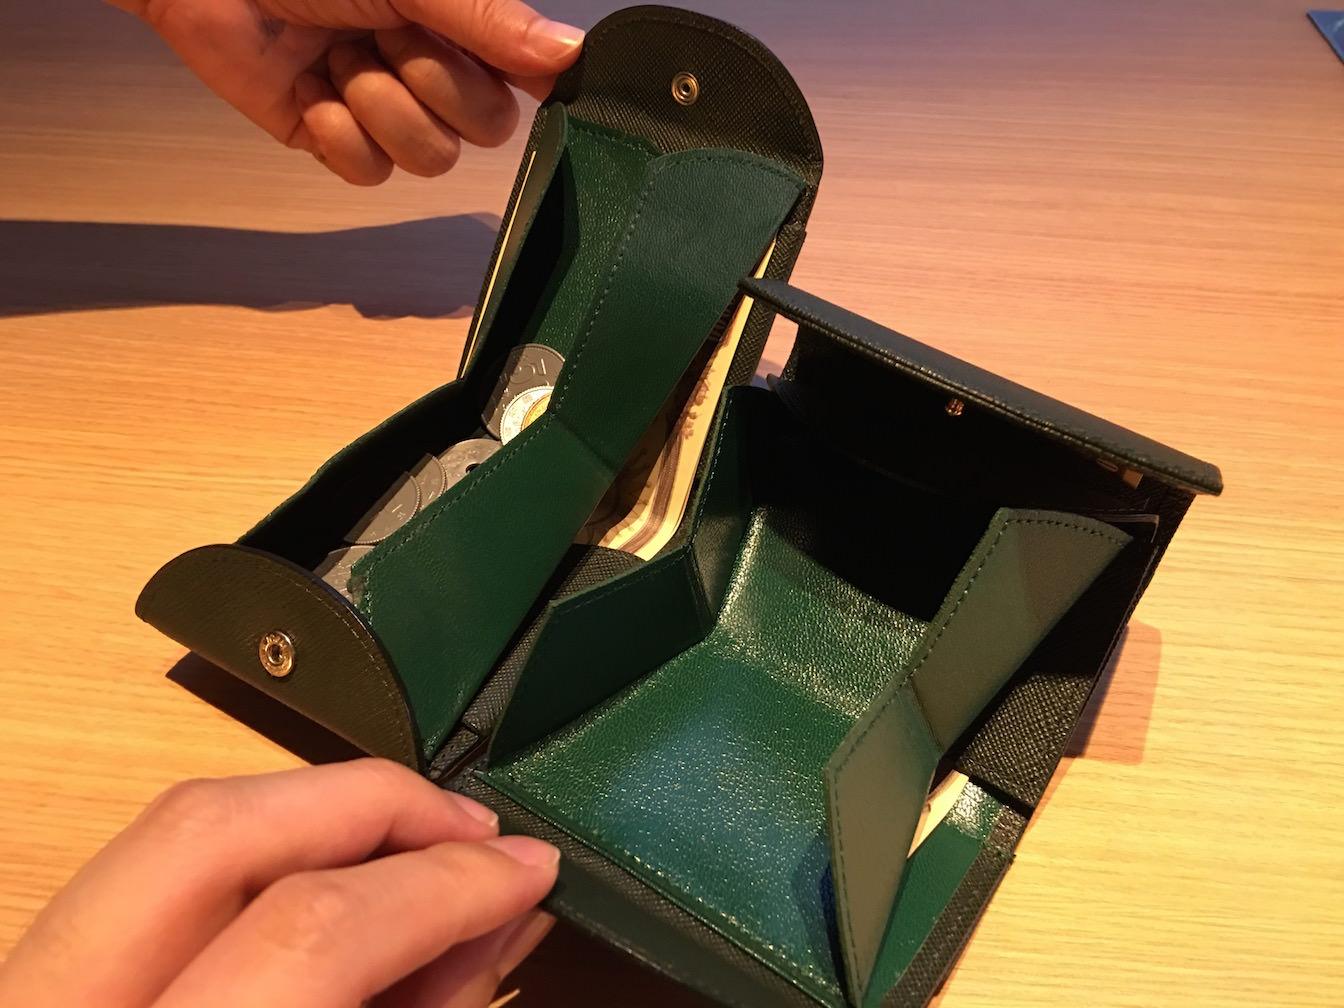 Caltolare reception hammock wallet compact 21